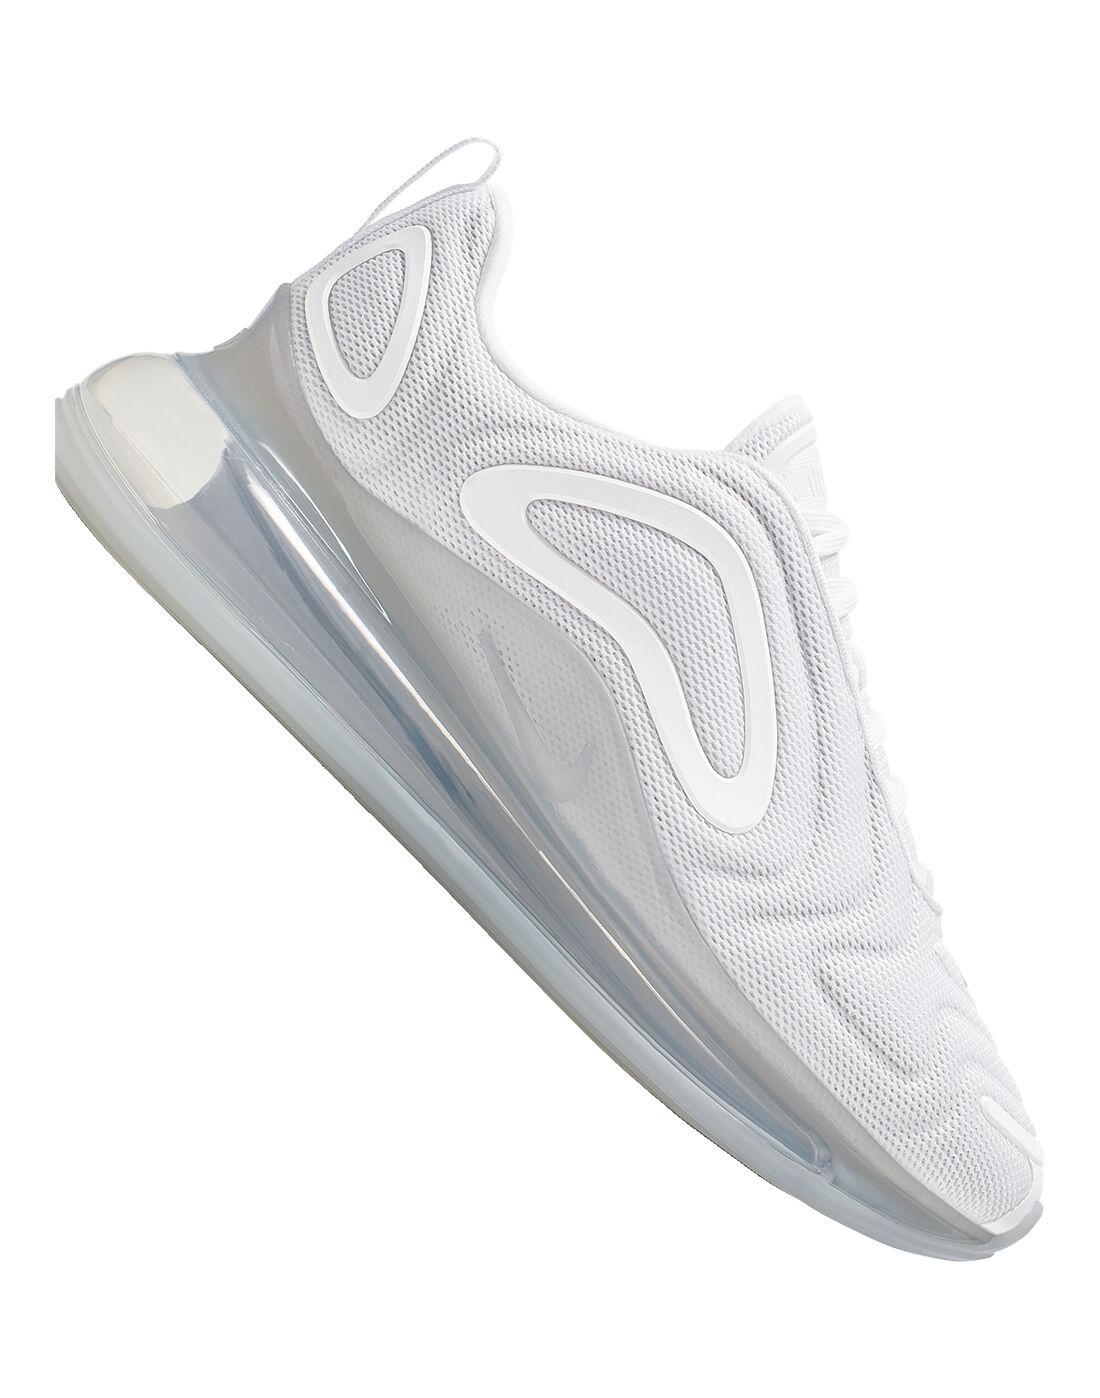 Women's White \u0026 Peach Nike Air Max 720